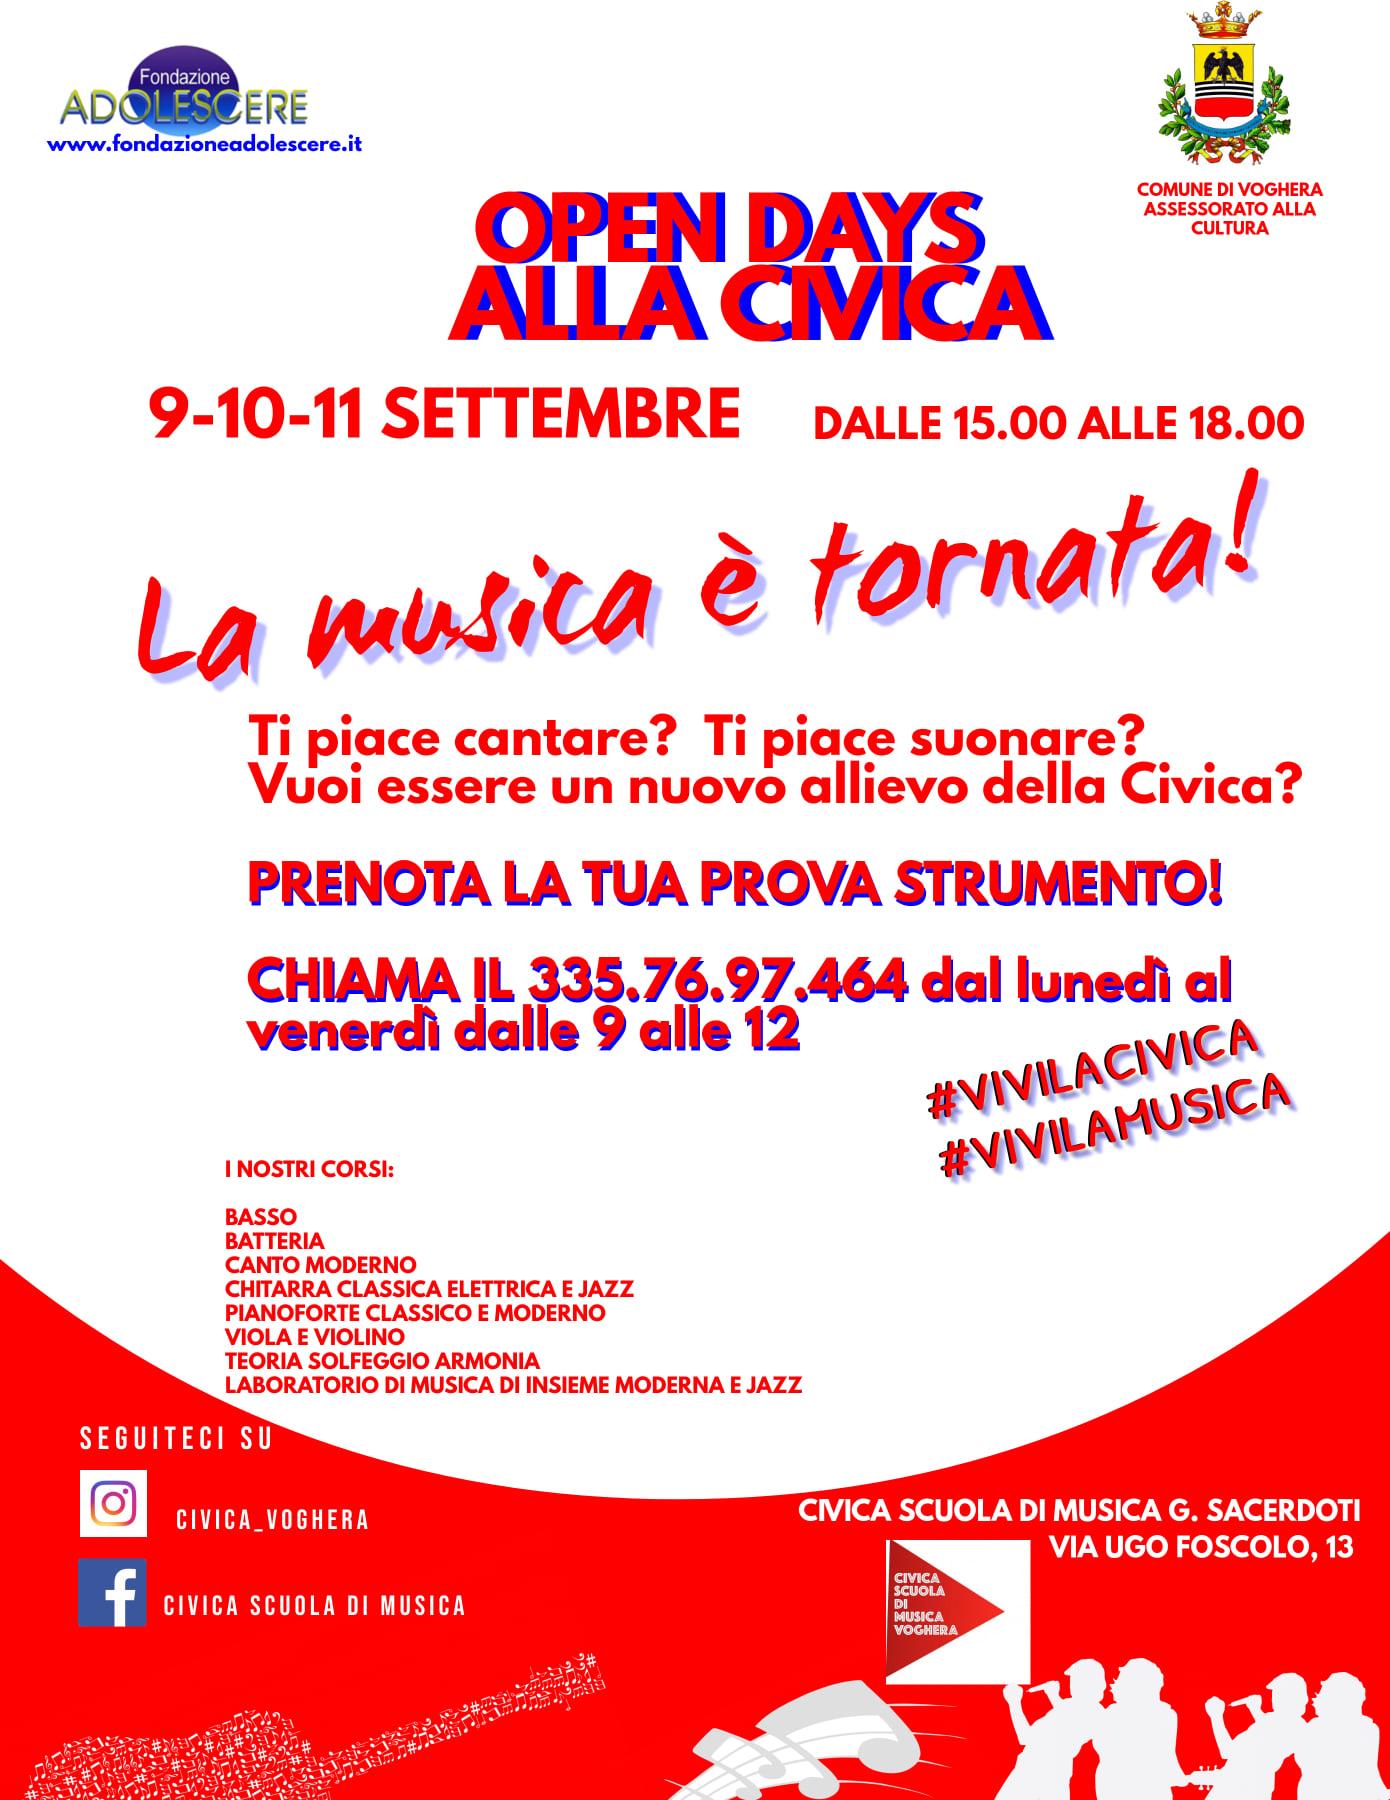 OPEN DAY Alla Civica Scuola Di Musica